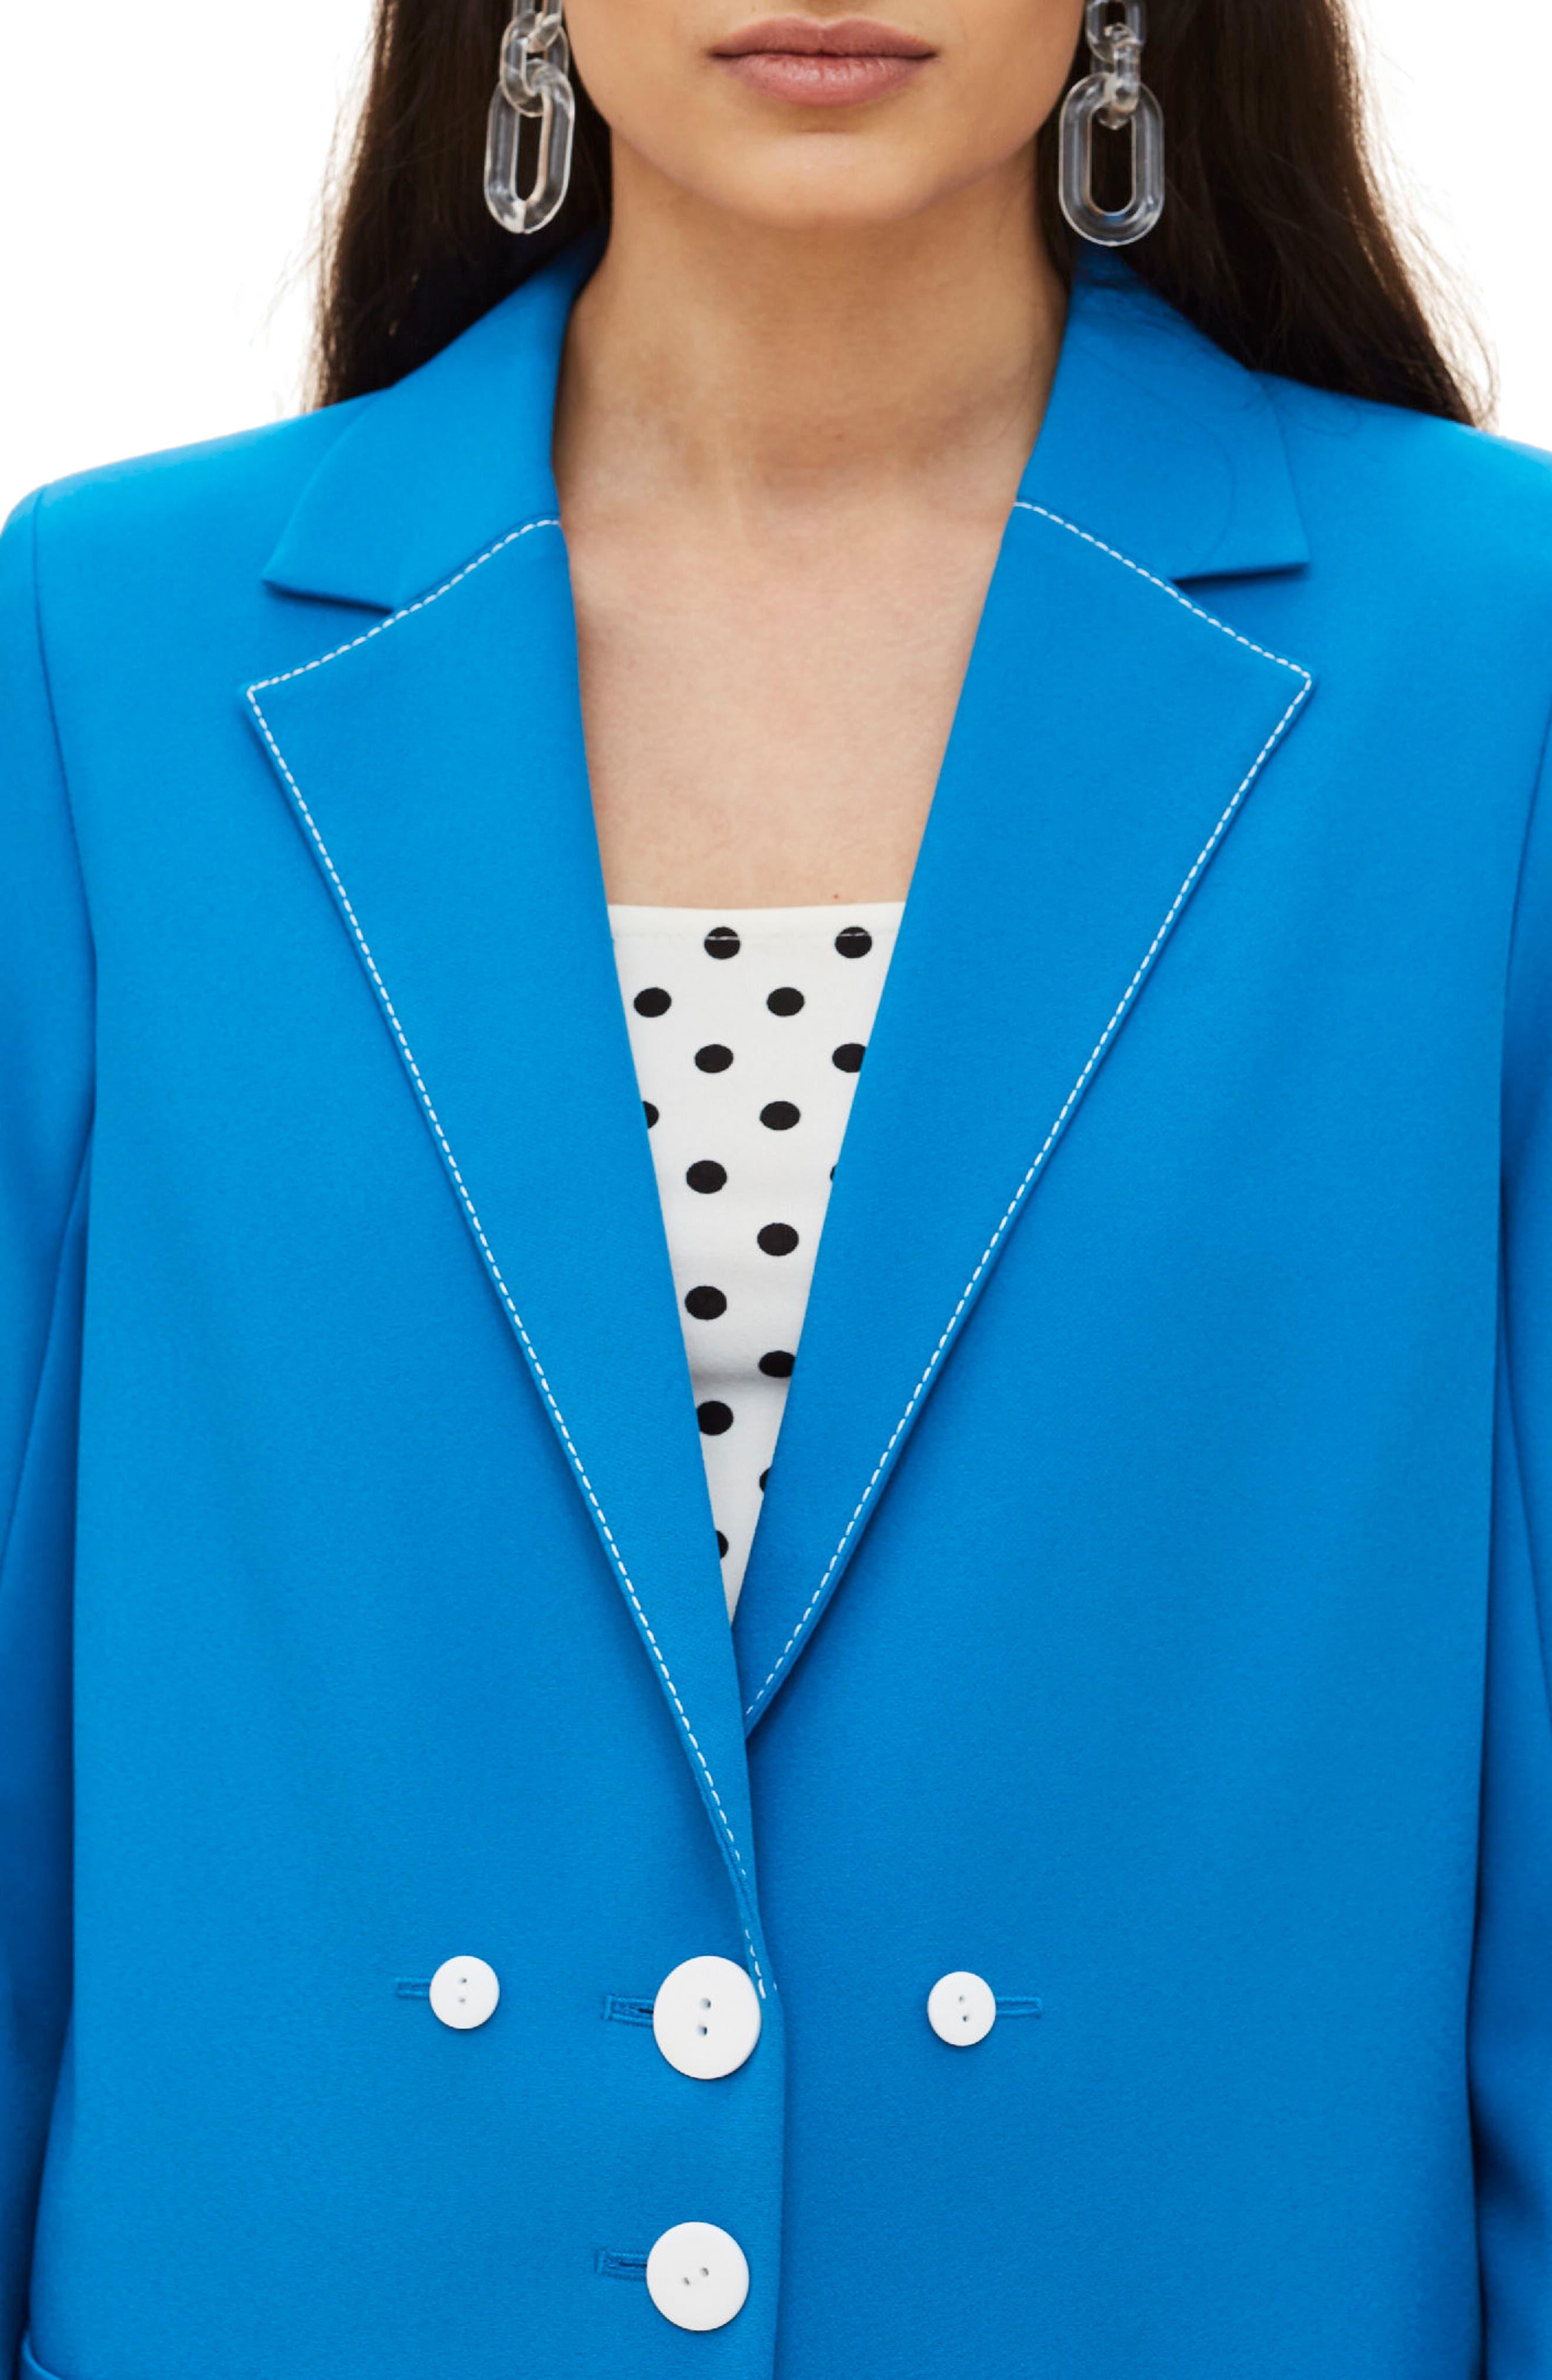 Azure Contrast Stitch Suit Jacket,                             Alternate thumbnail 3, color,